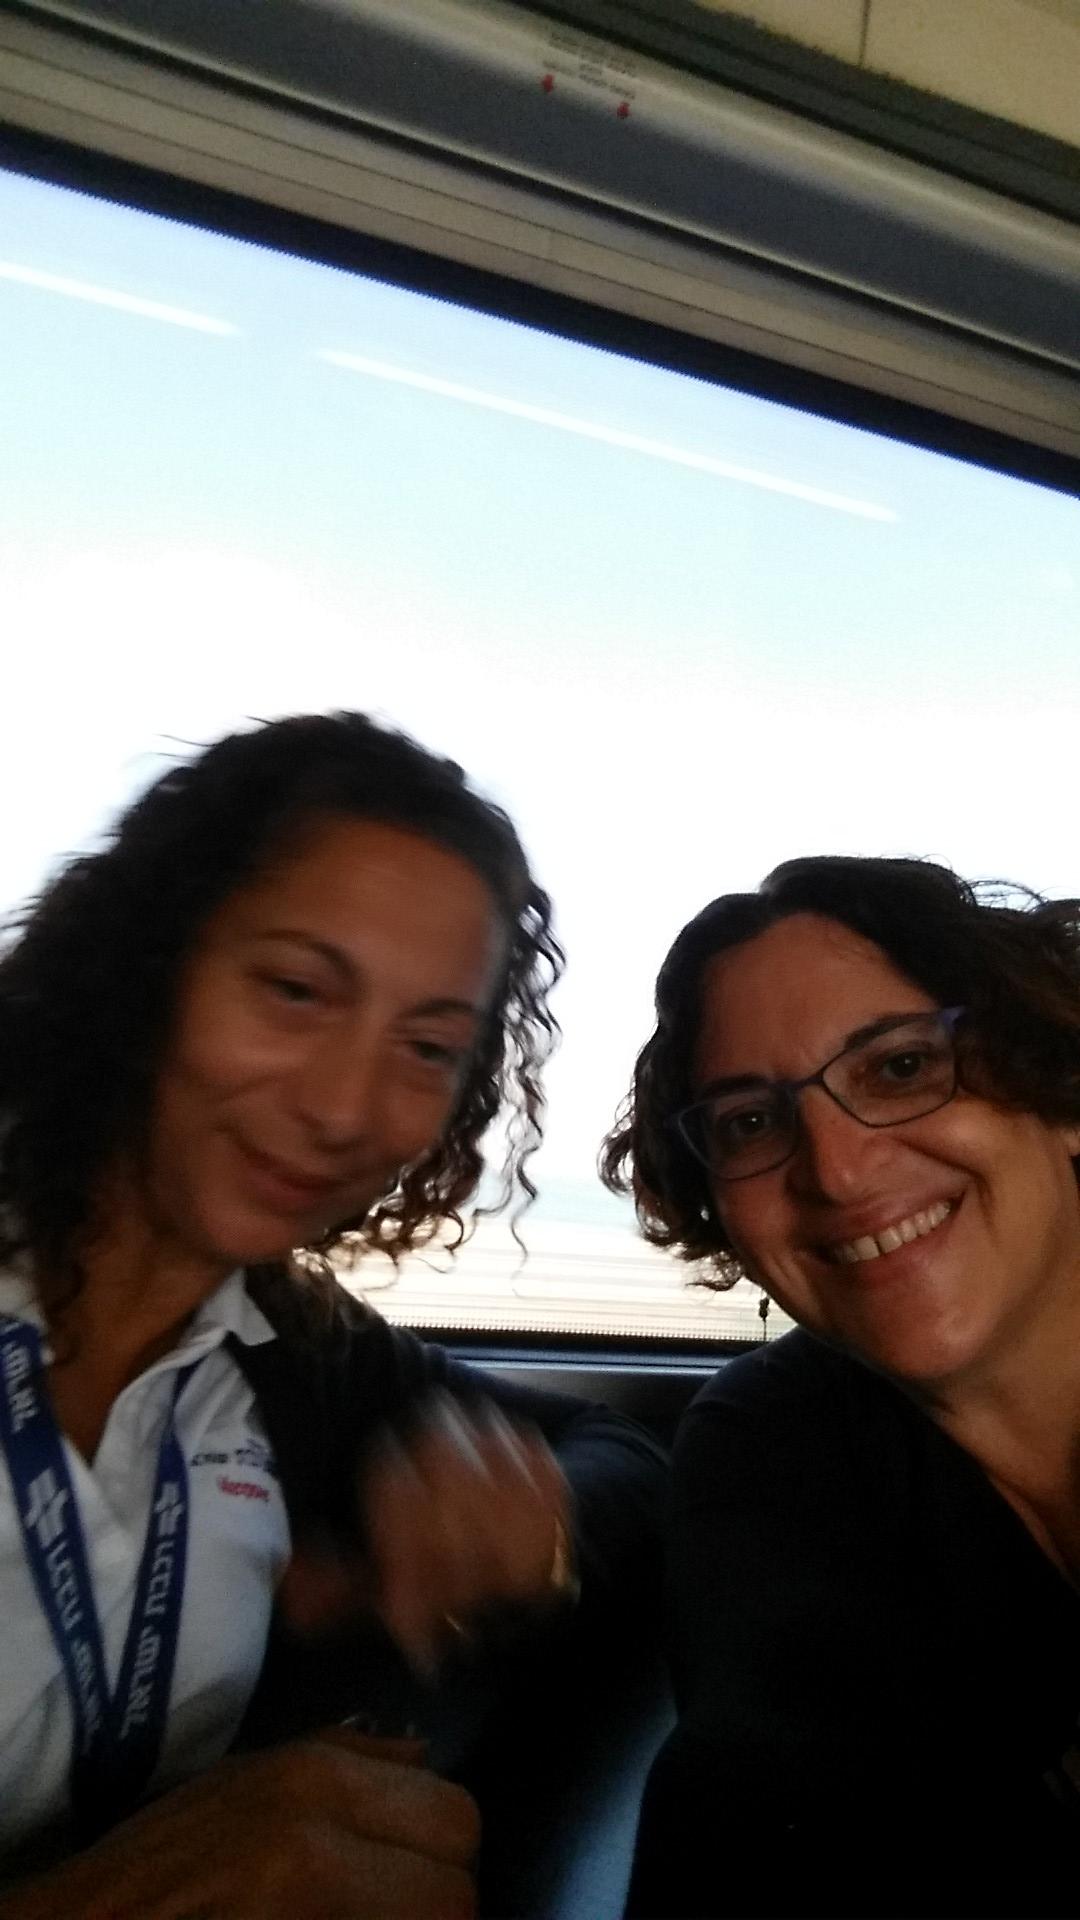 חוויה ברכבת by Sigal Magen - Ourboox.com